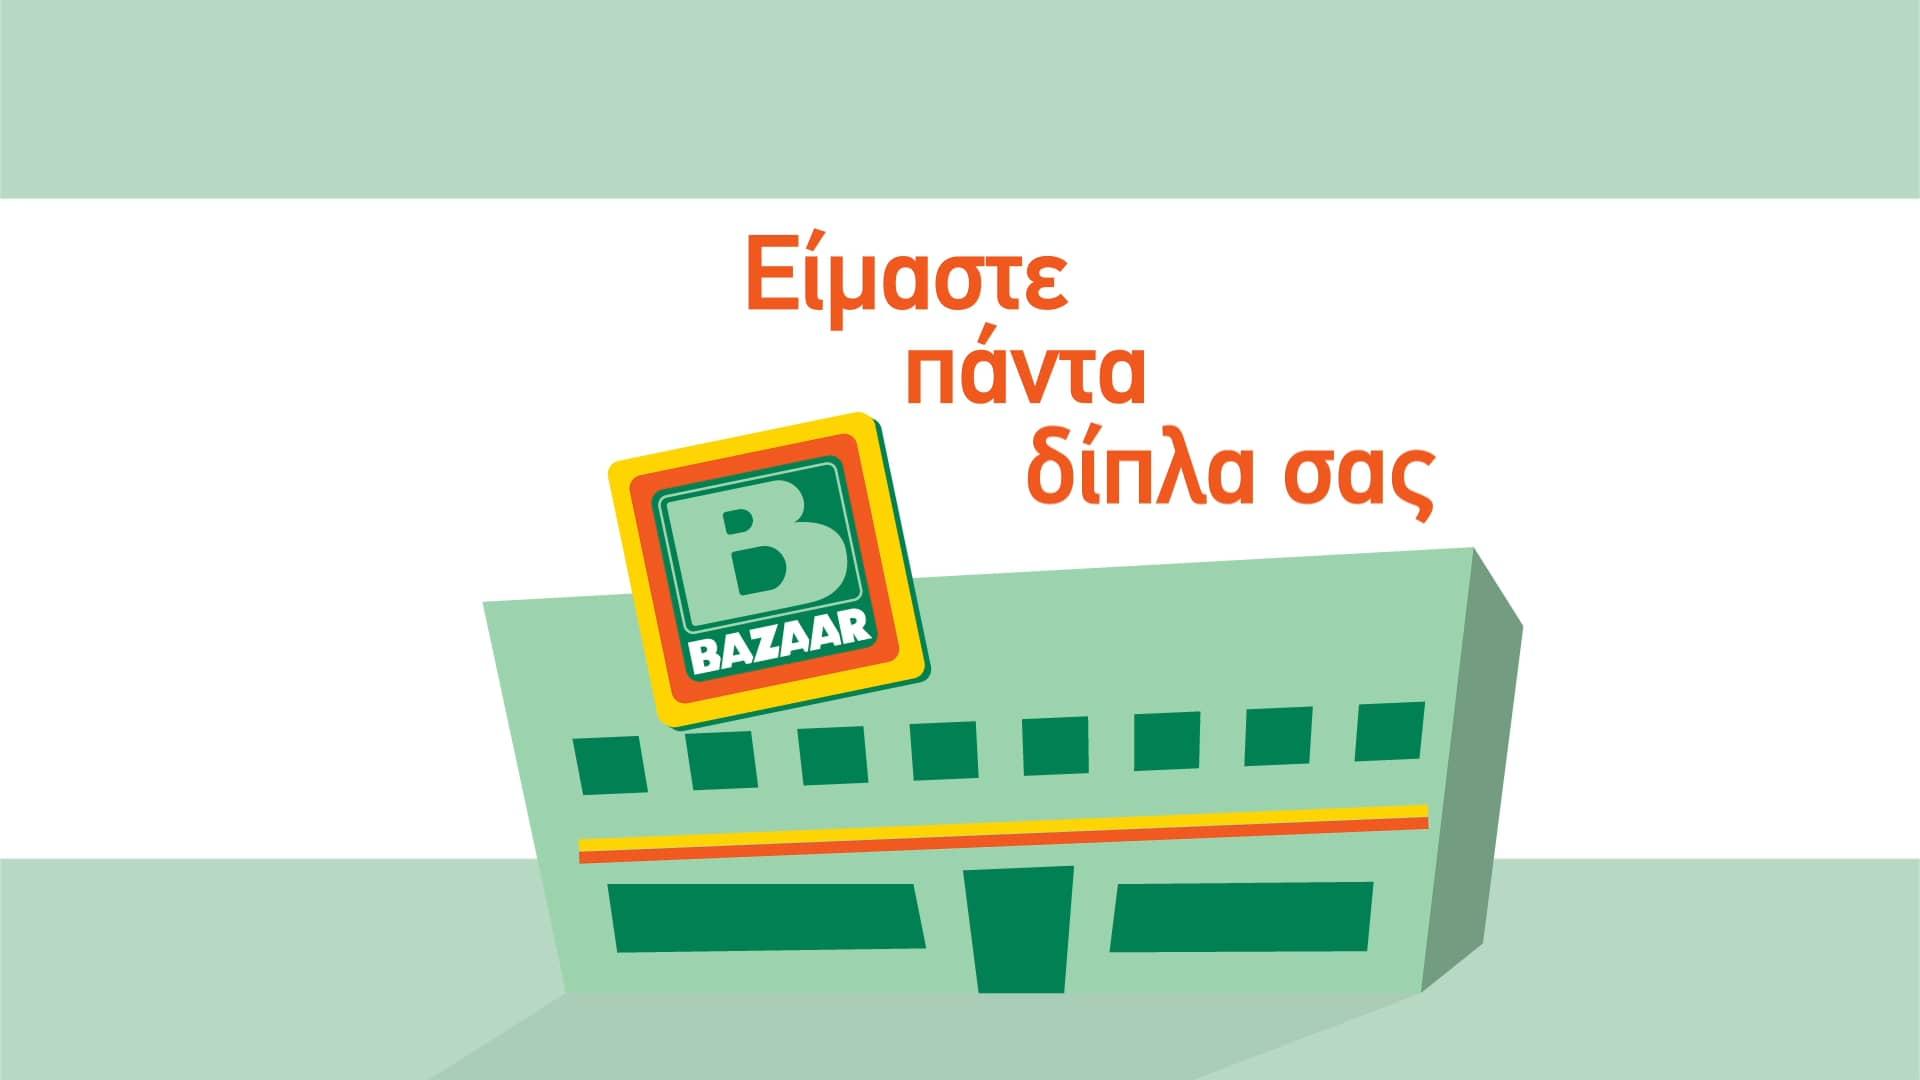 bazaar-super-market-1